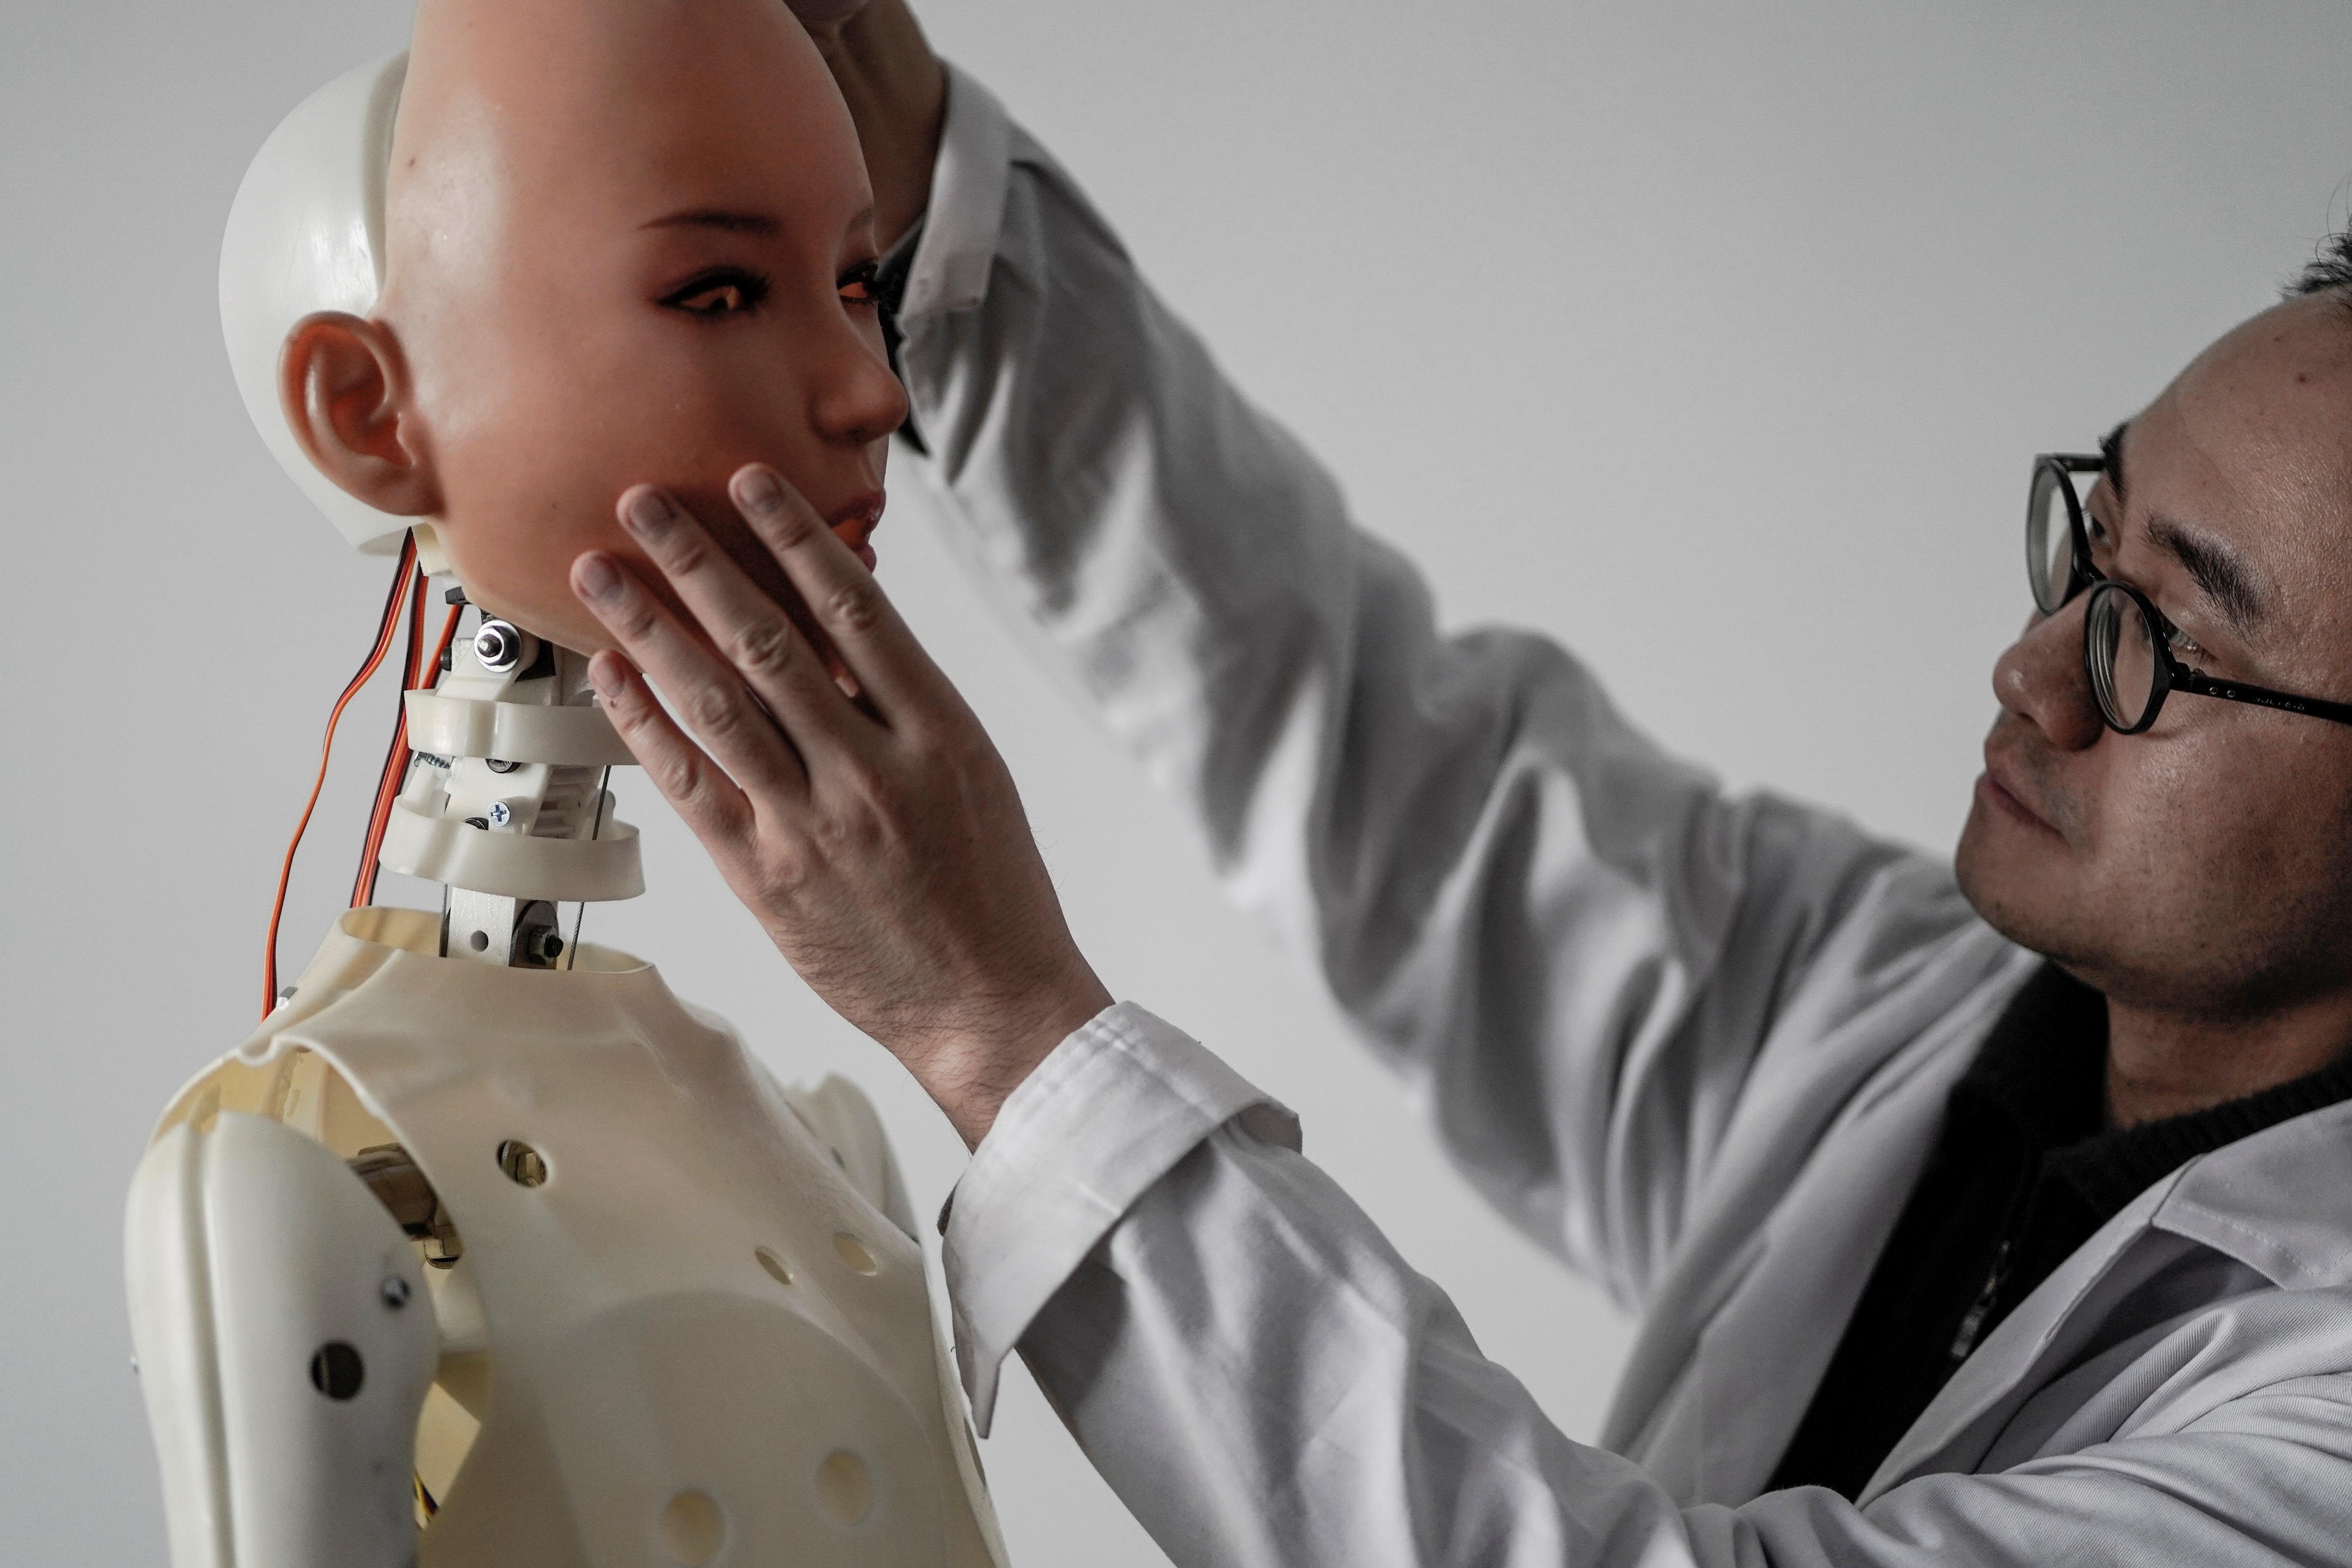 دراسة تكشف نتائج صادمة عن مواقف الرجال والنساء من الروبوتات الجنسية   الحرة